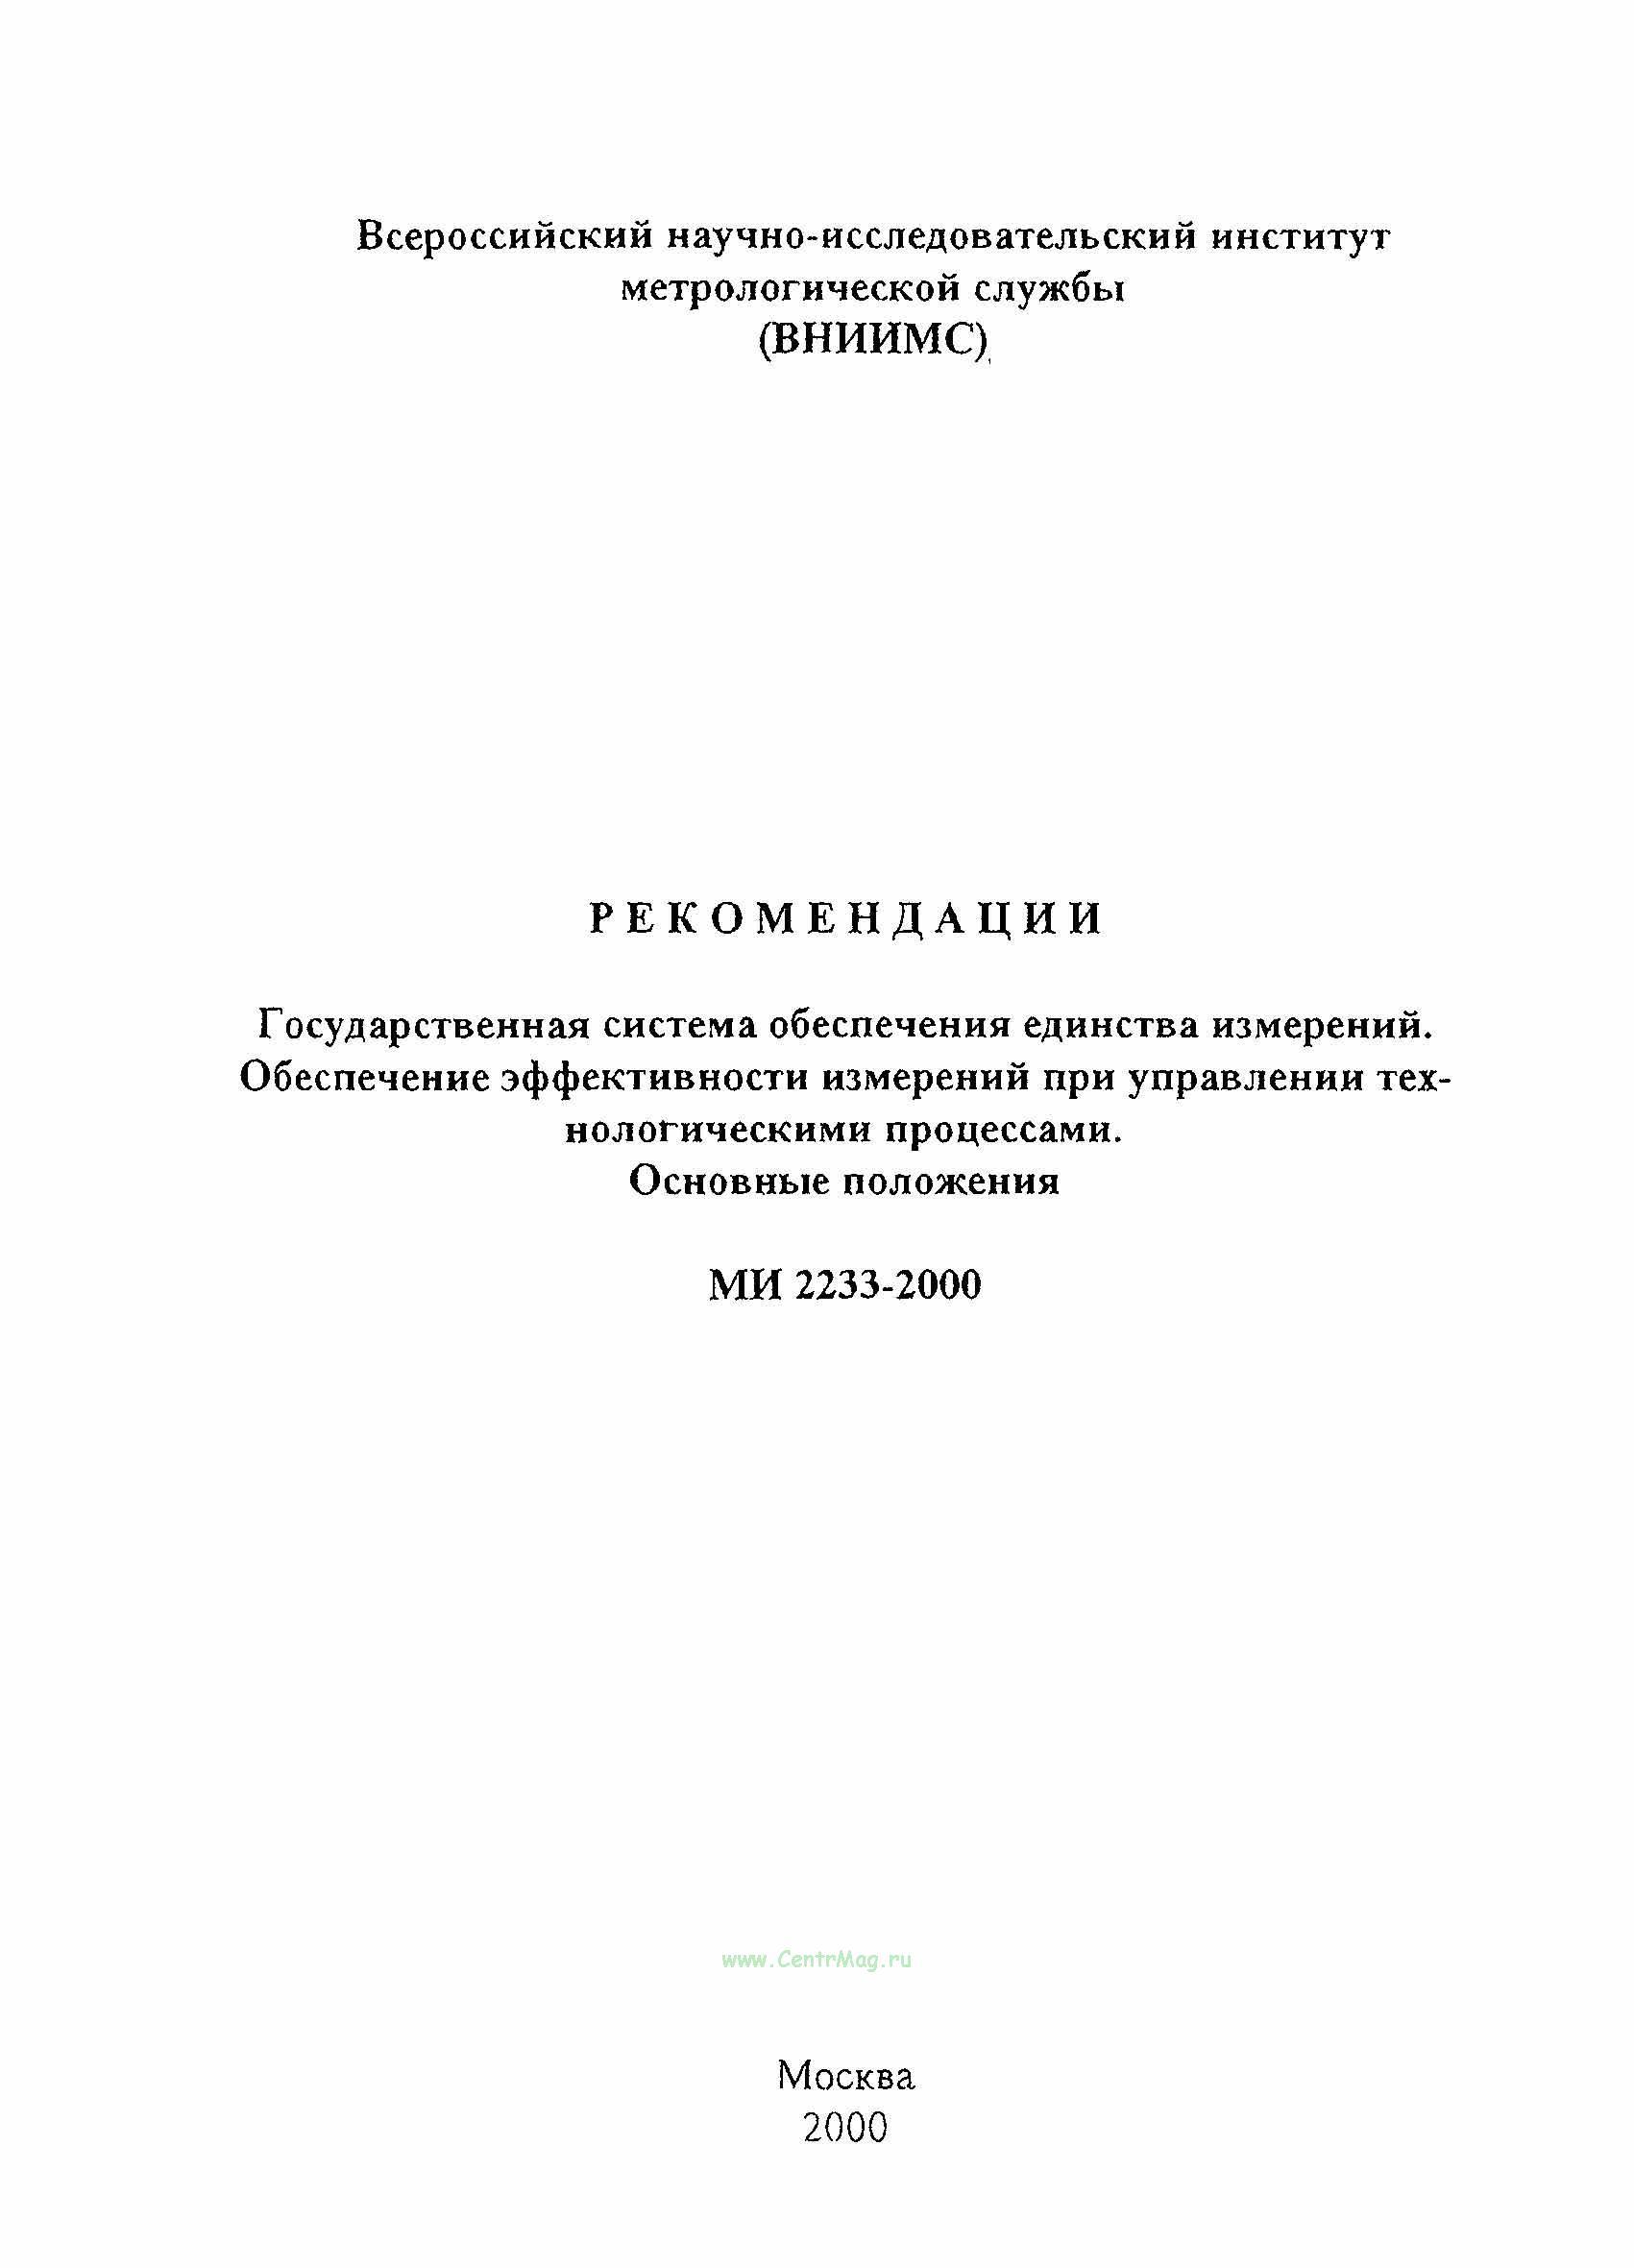 МИ 2233-2000 Государственная система обеспечения единства измерений. Обеспечение эффективности измерений при управлении технологическими процессами. Основные положения 2019 год. Последняя редакция